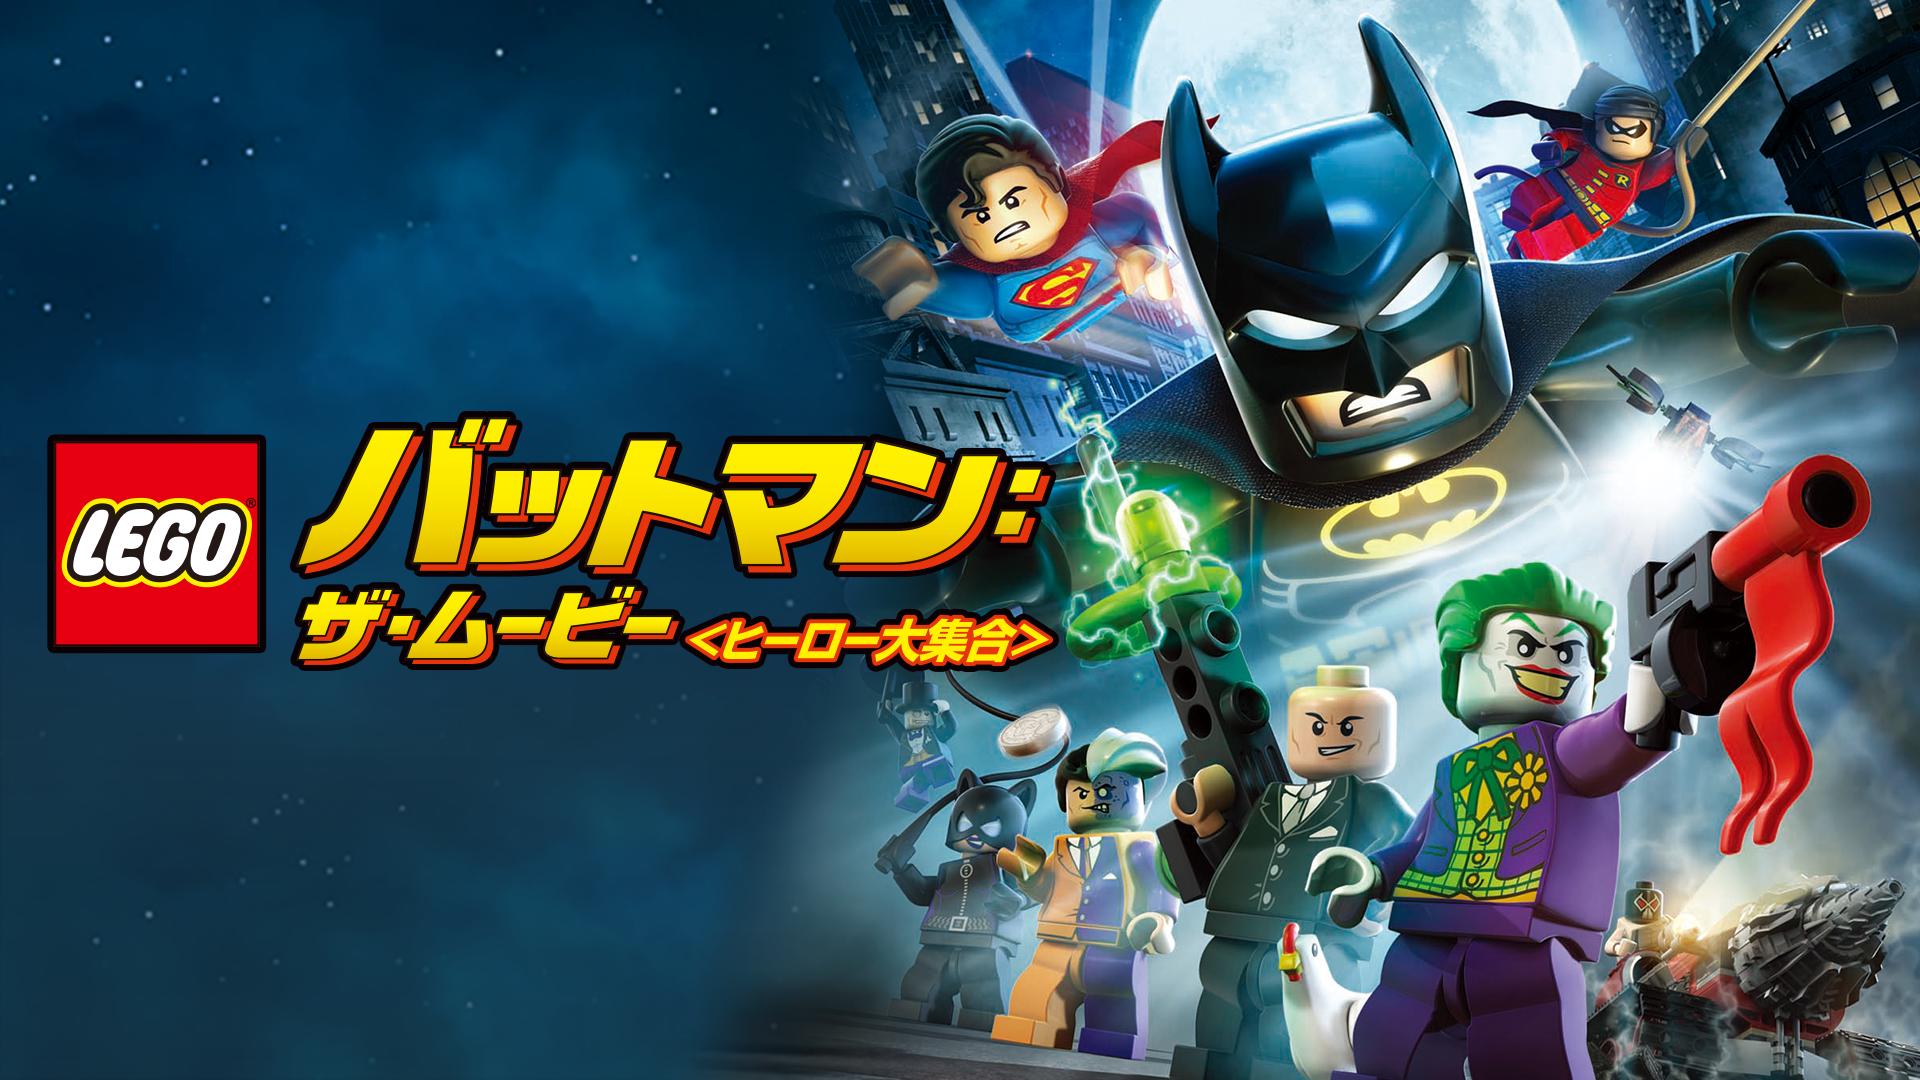 LEGO(R) バットマン: ザ・ムービー<ヒーロー大集合>の動画 - LEGO(R) バットマン ザ・ムービー